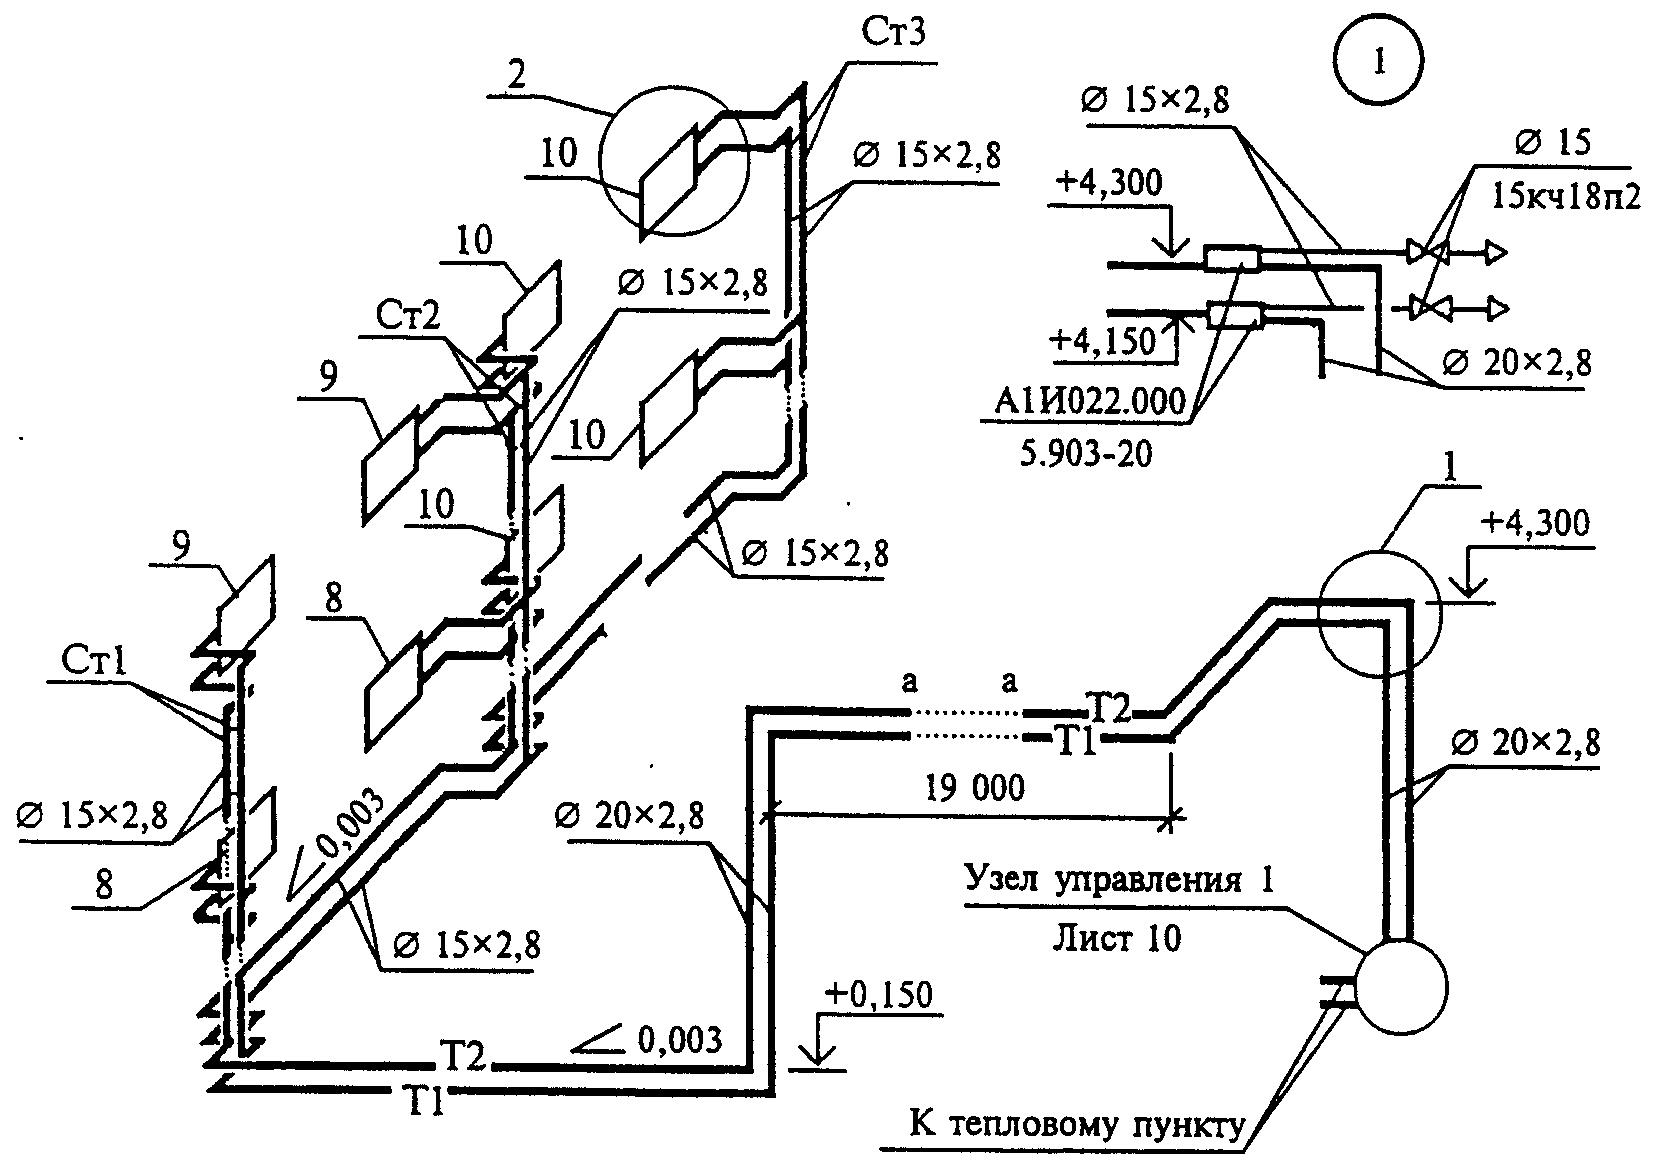 Г.3. Г.4. Г.3 Пример выполнения схемы узла управления системами отопления и теплоснабжения установок приведен на.